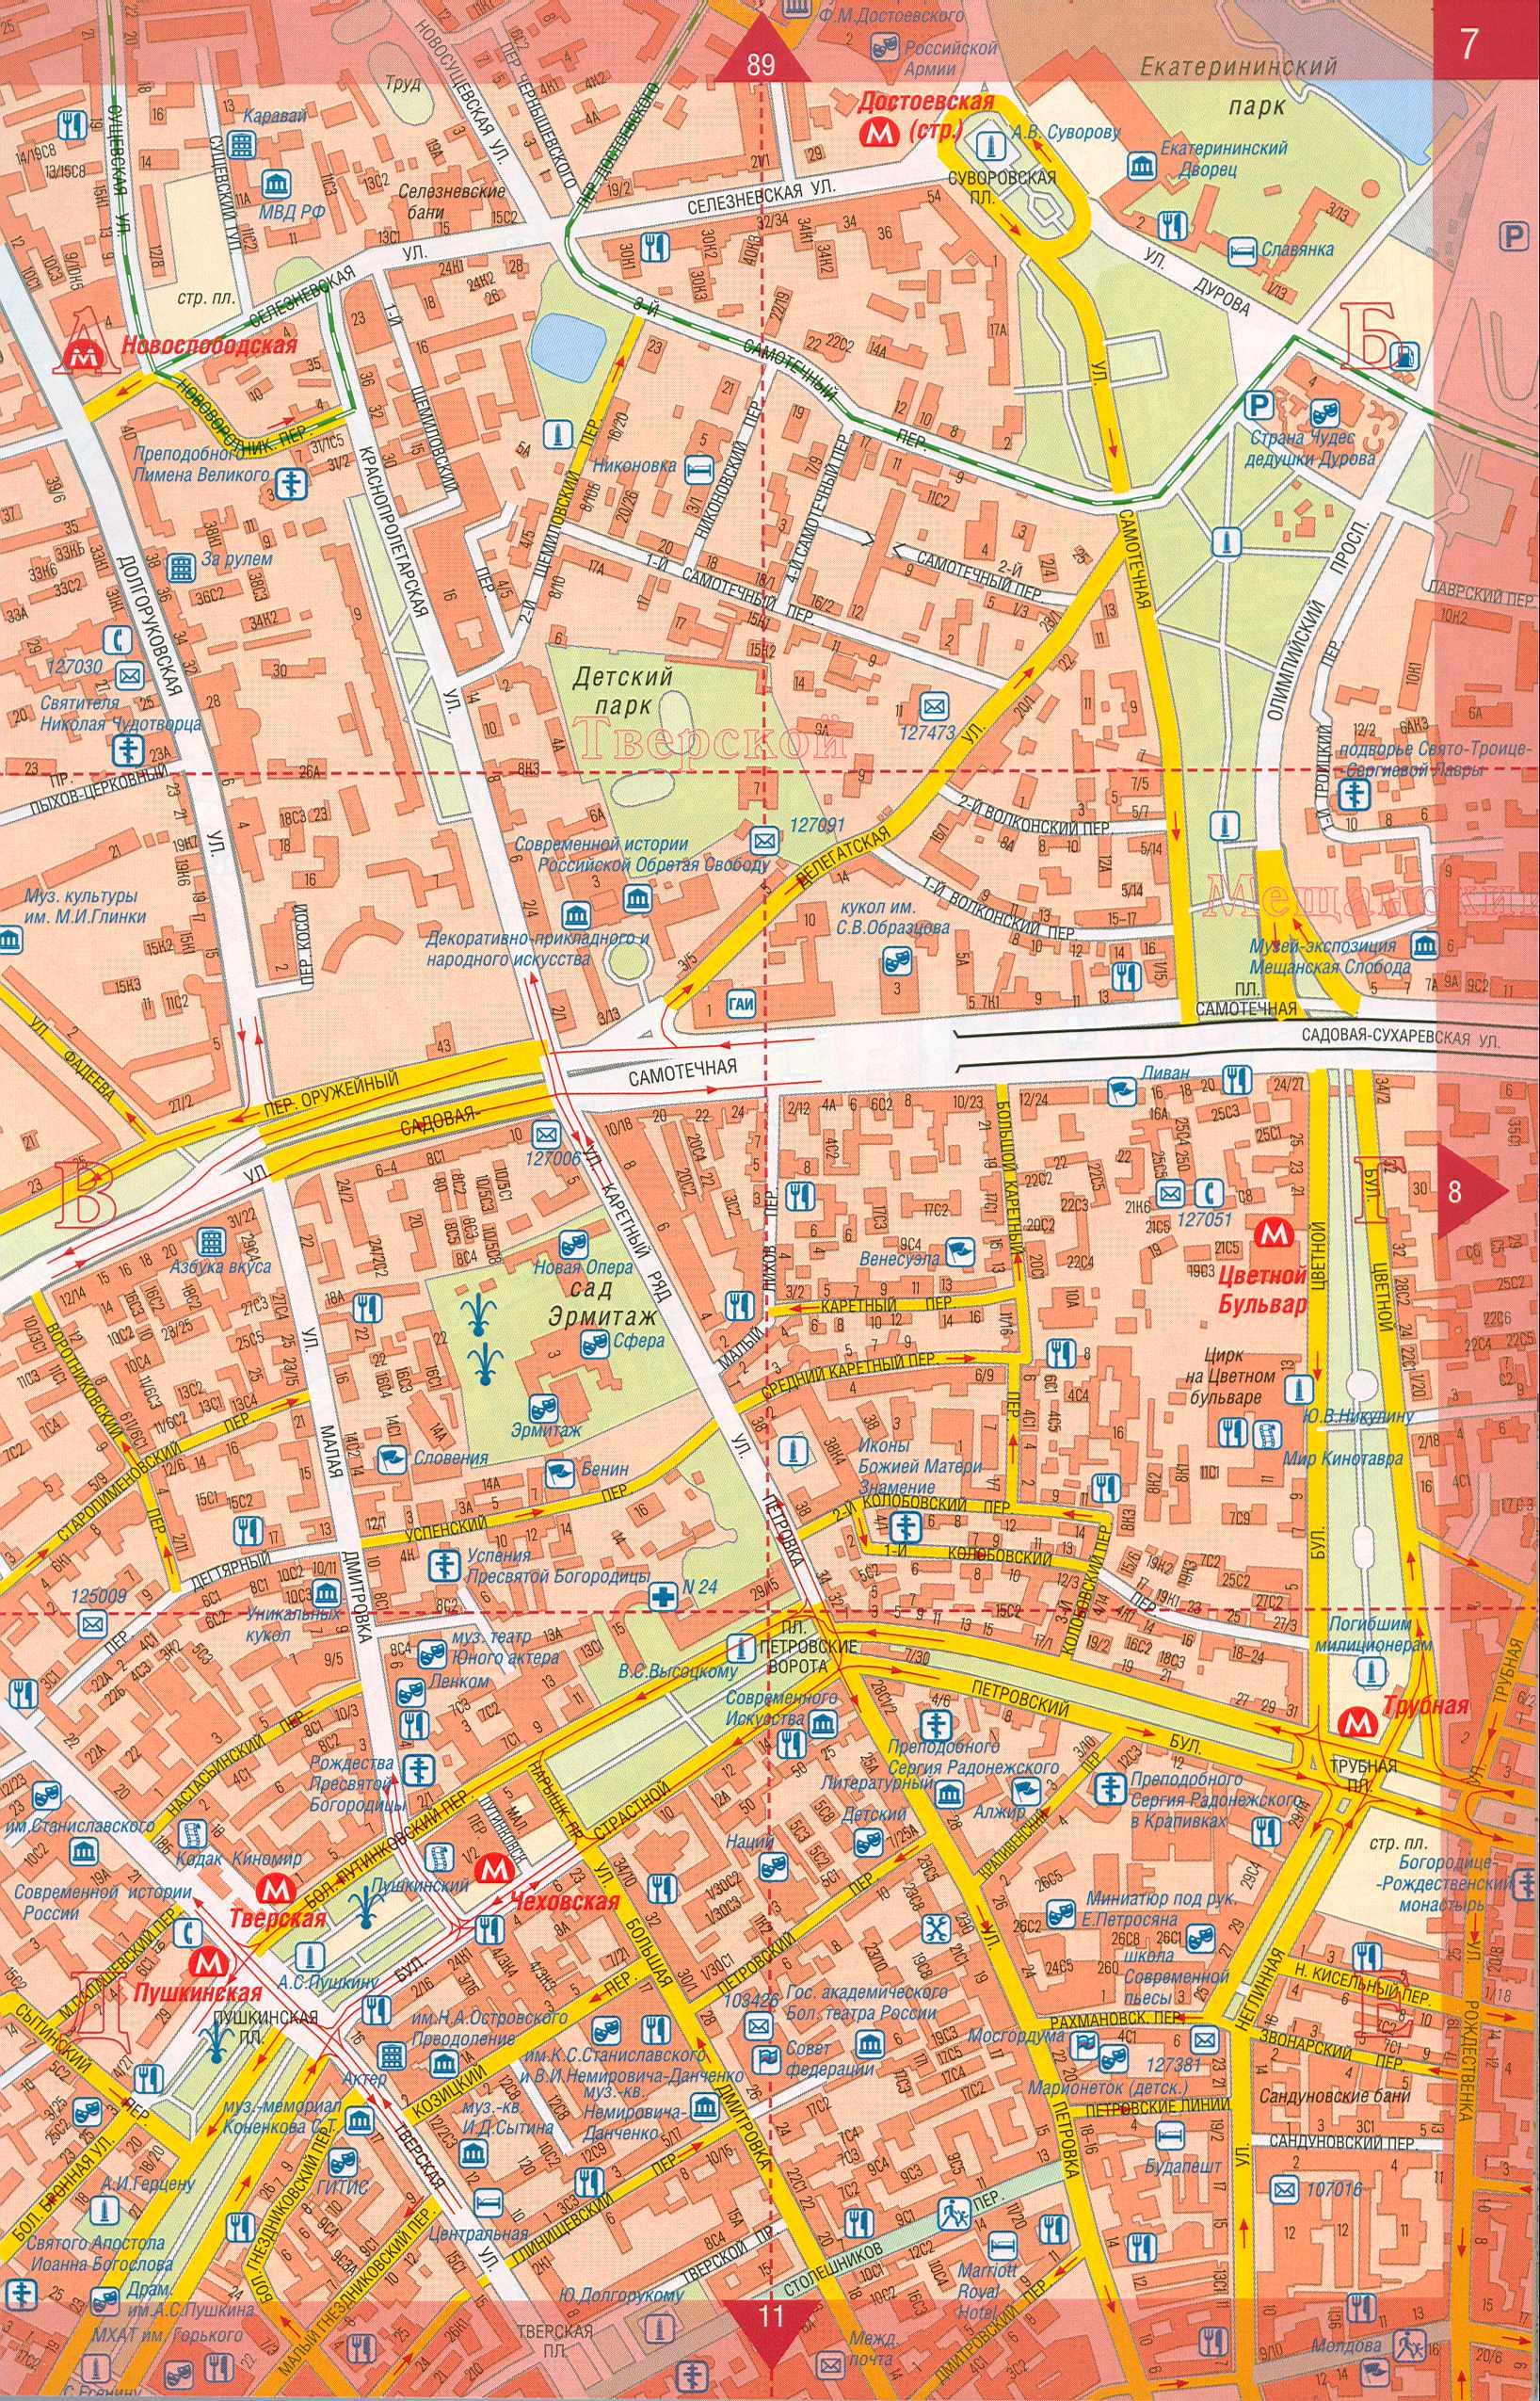 Карта центра Москвы. Карта москвы с улицами и домами ...